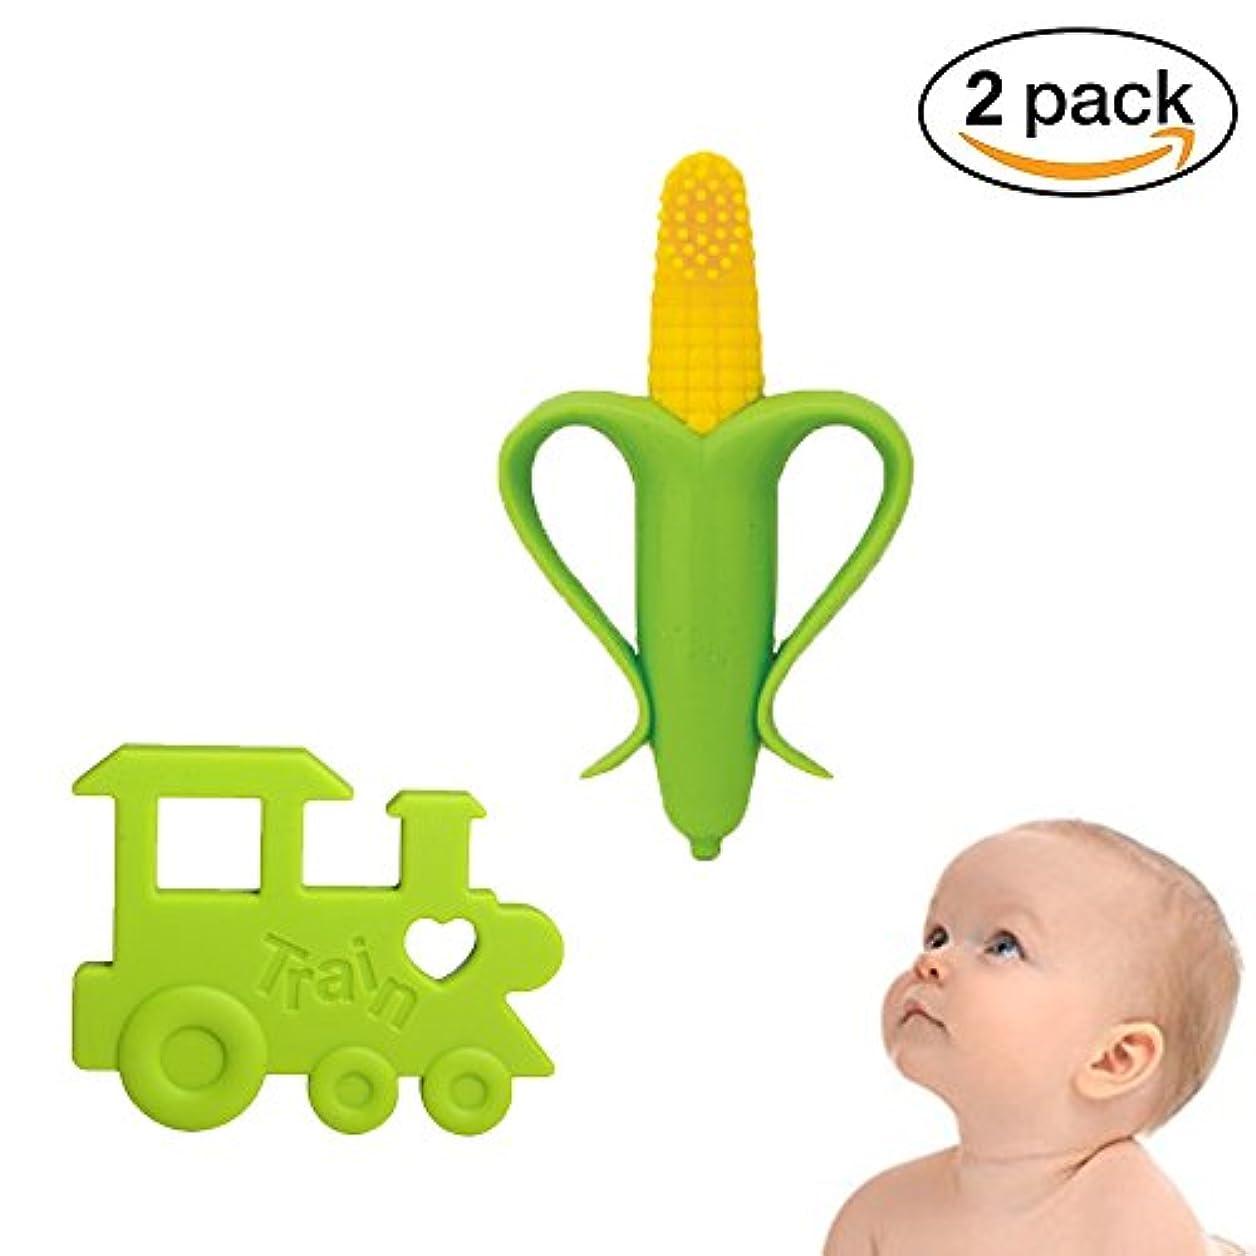 夕方アパート荒らす電車チュアブル歯が生える玩具、痛み歯茎の痛みを軽減、BPAフリーでINCHANT赤ちゃんシリコーントレーニング歯ブラシやおしゃぶり